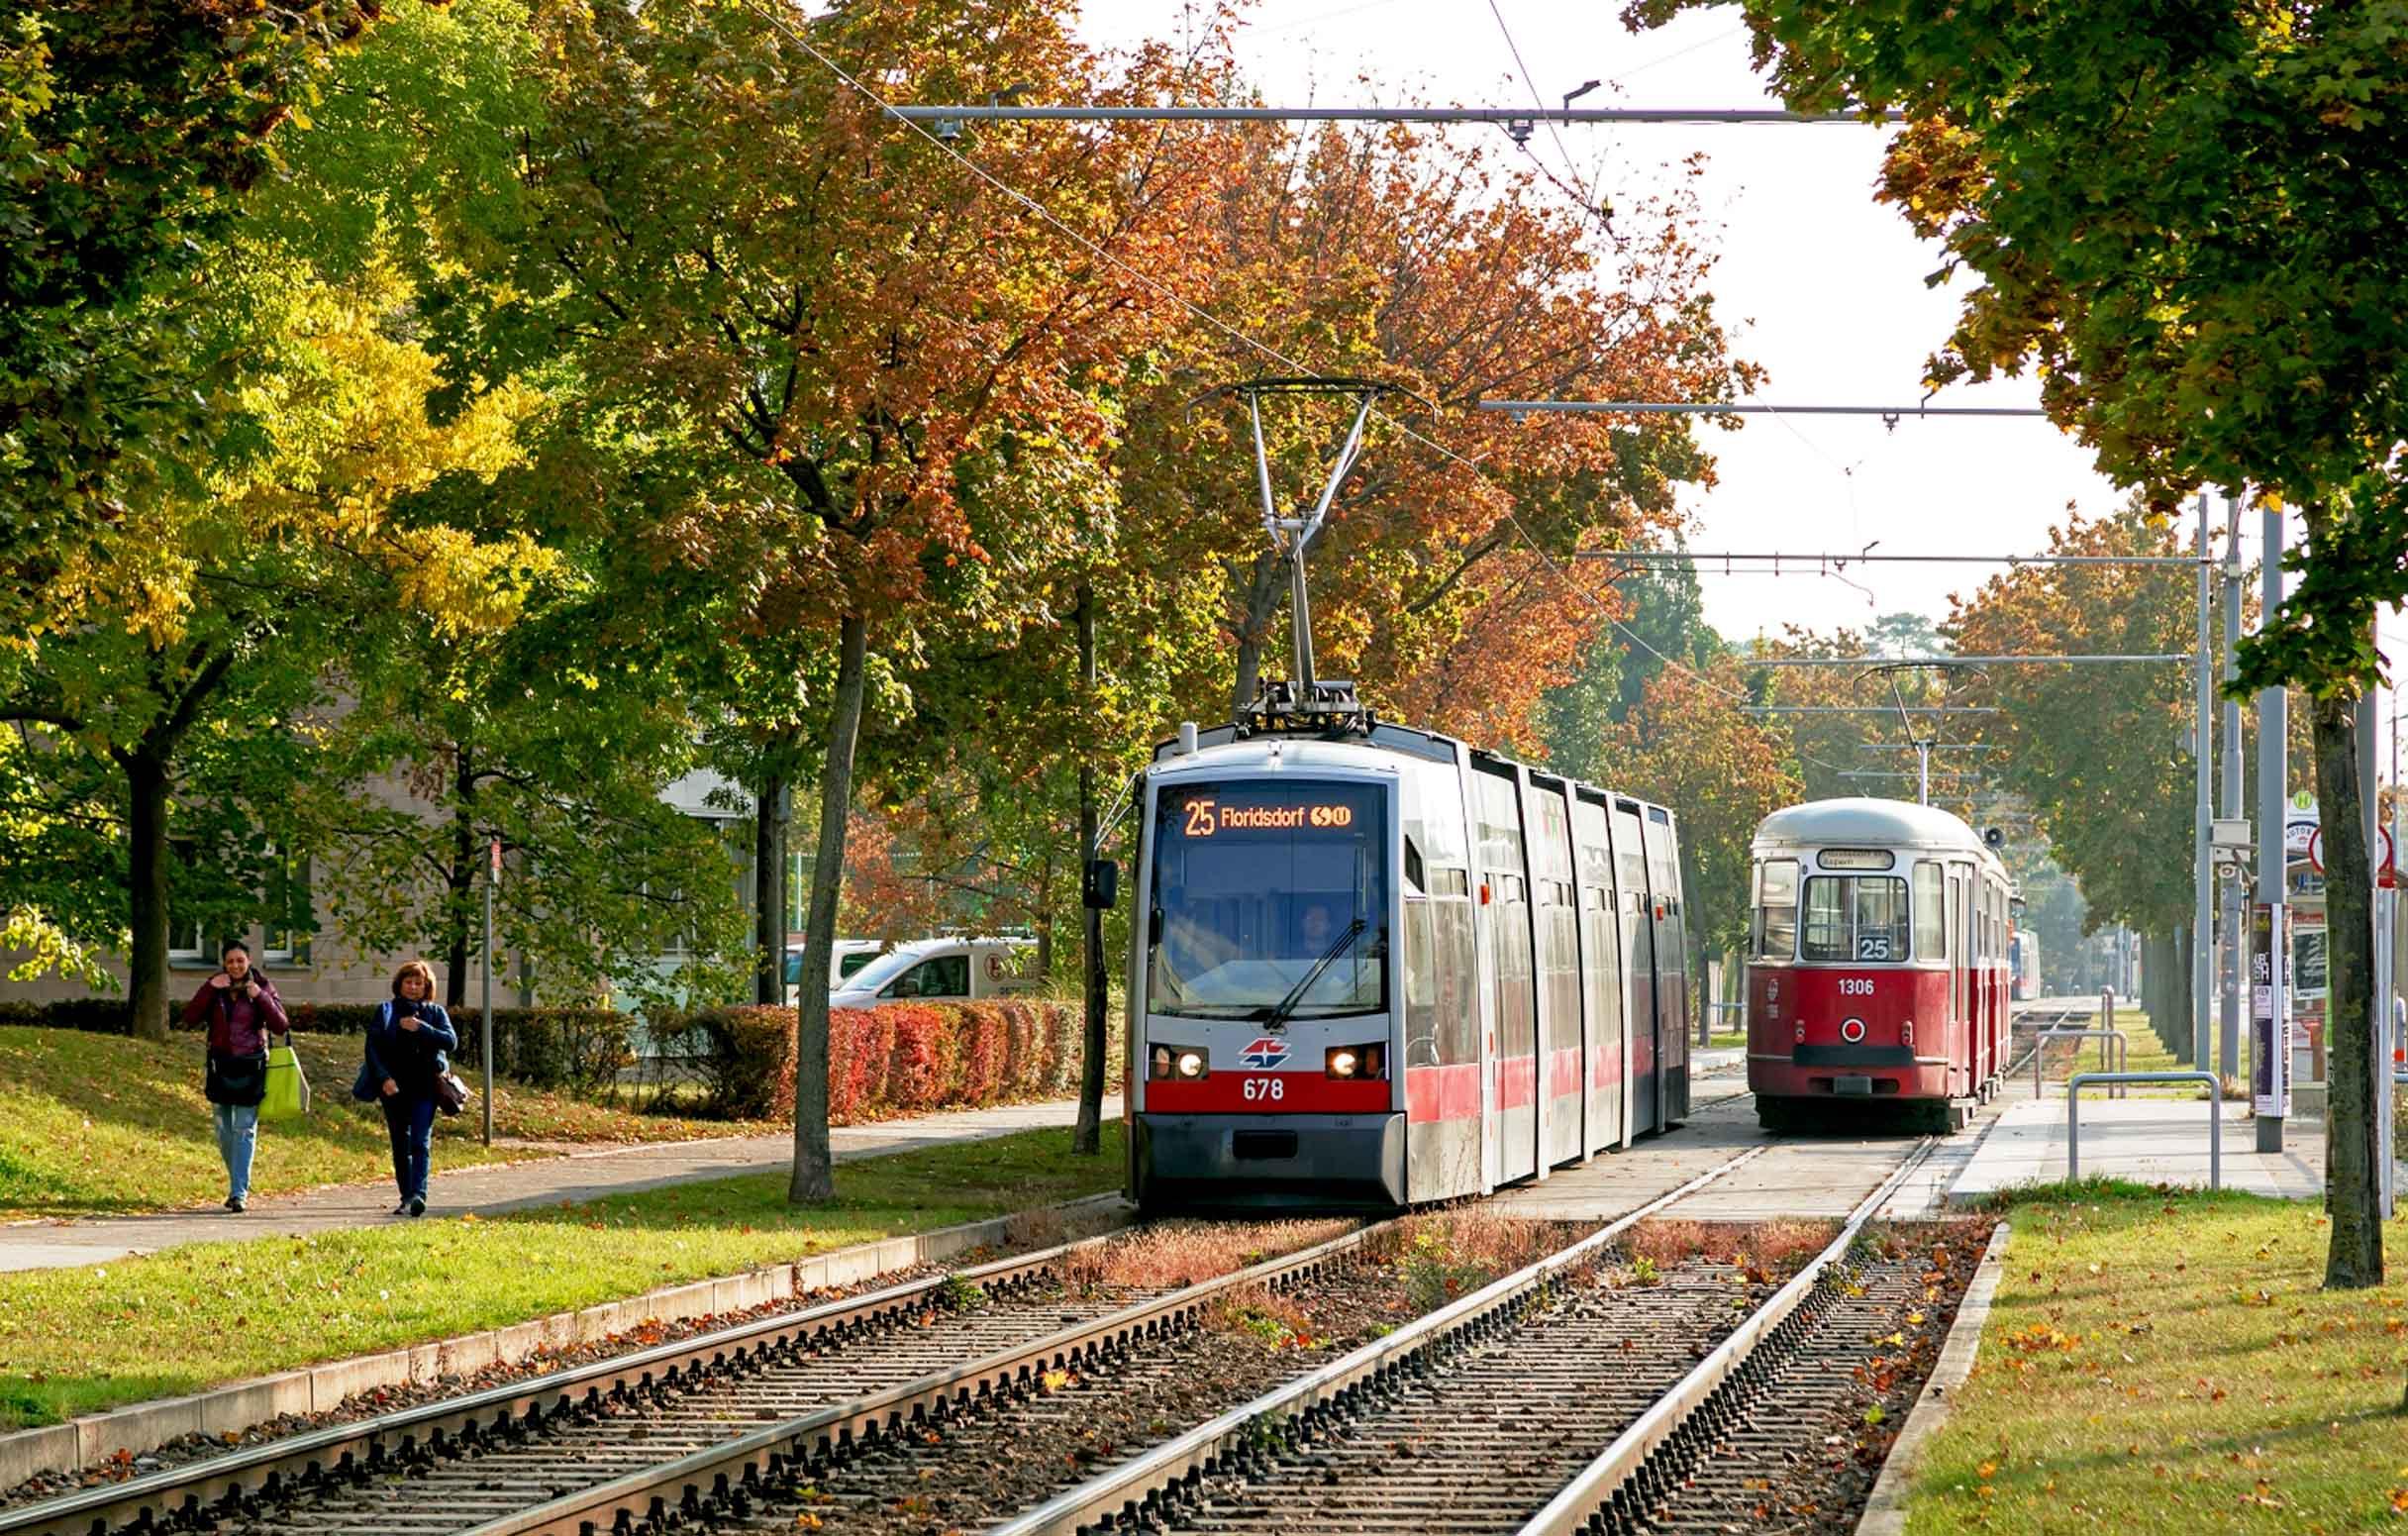 Bečka gradska uprava poziva na fer ponašanje u javnom prijevozu